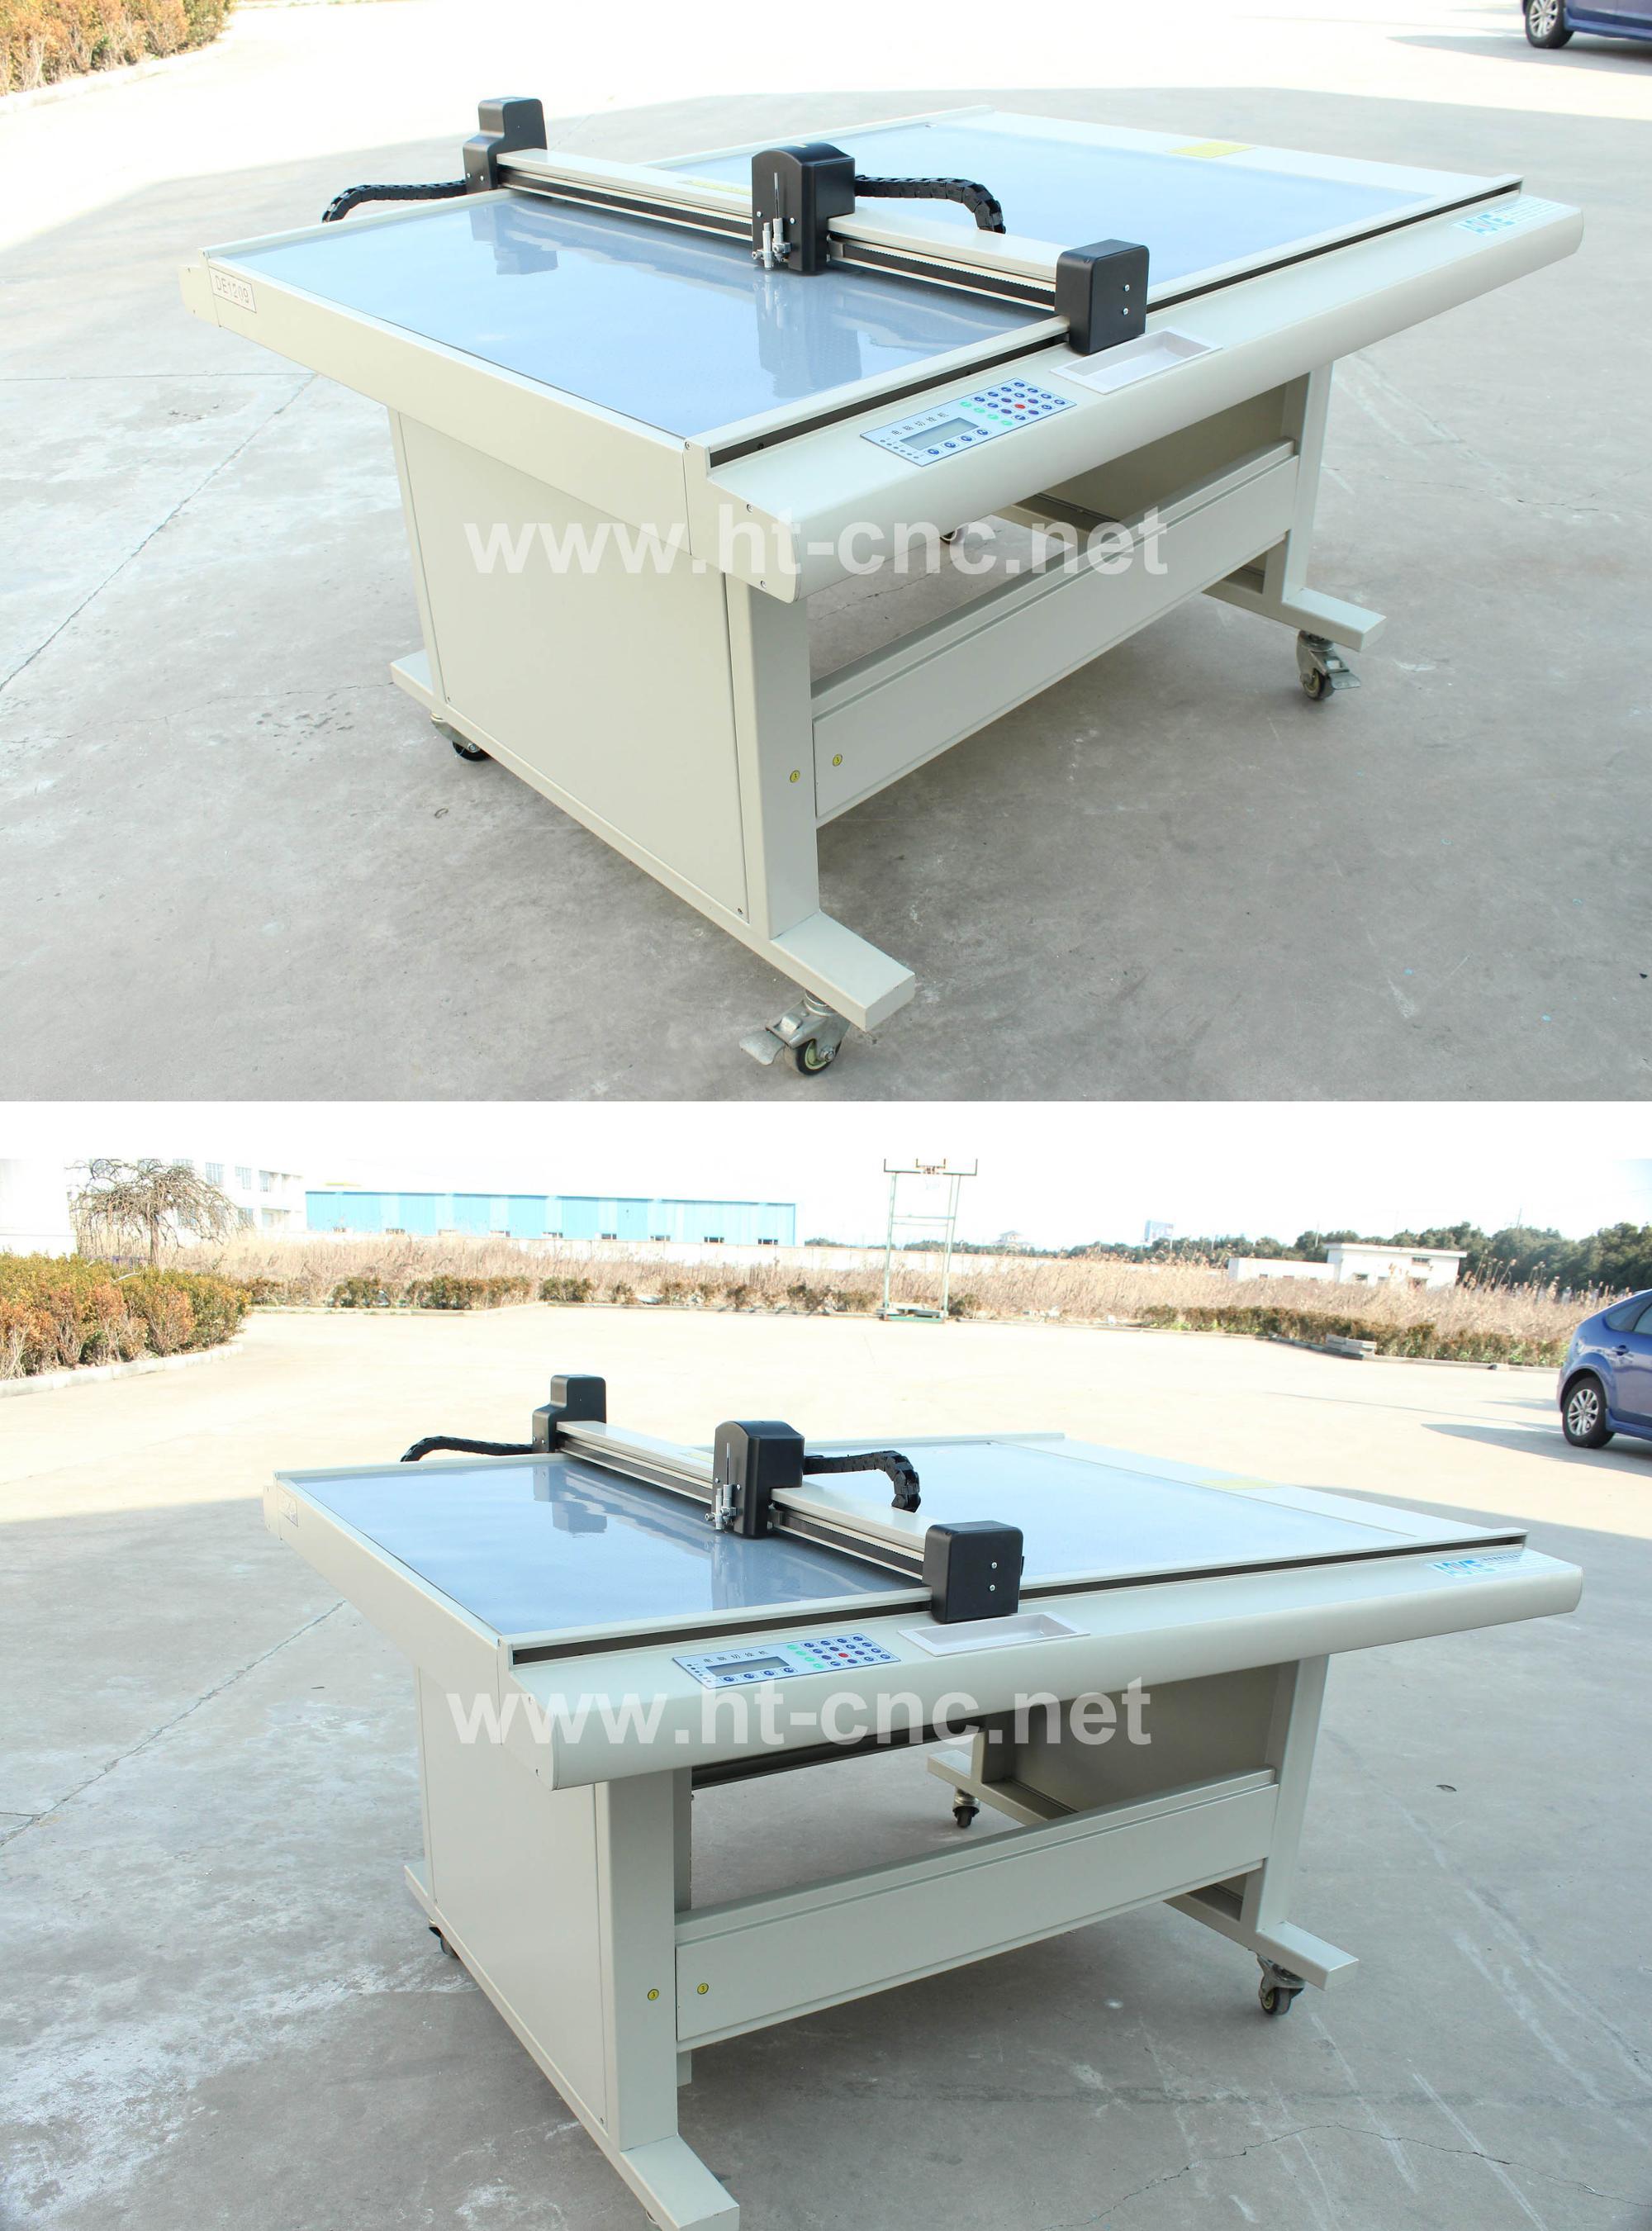 Планшетный режущий плоттер машина/планшетный режущий плоттер/Шаблон Режущий плоттер для продажи